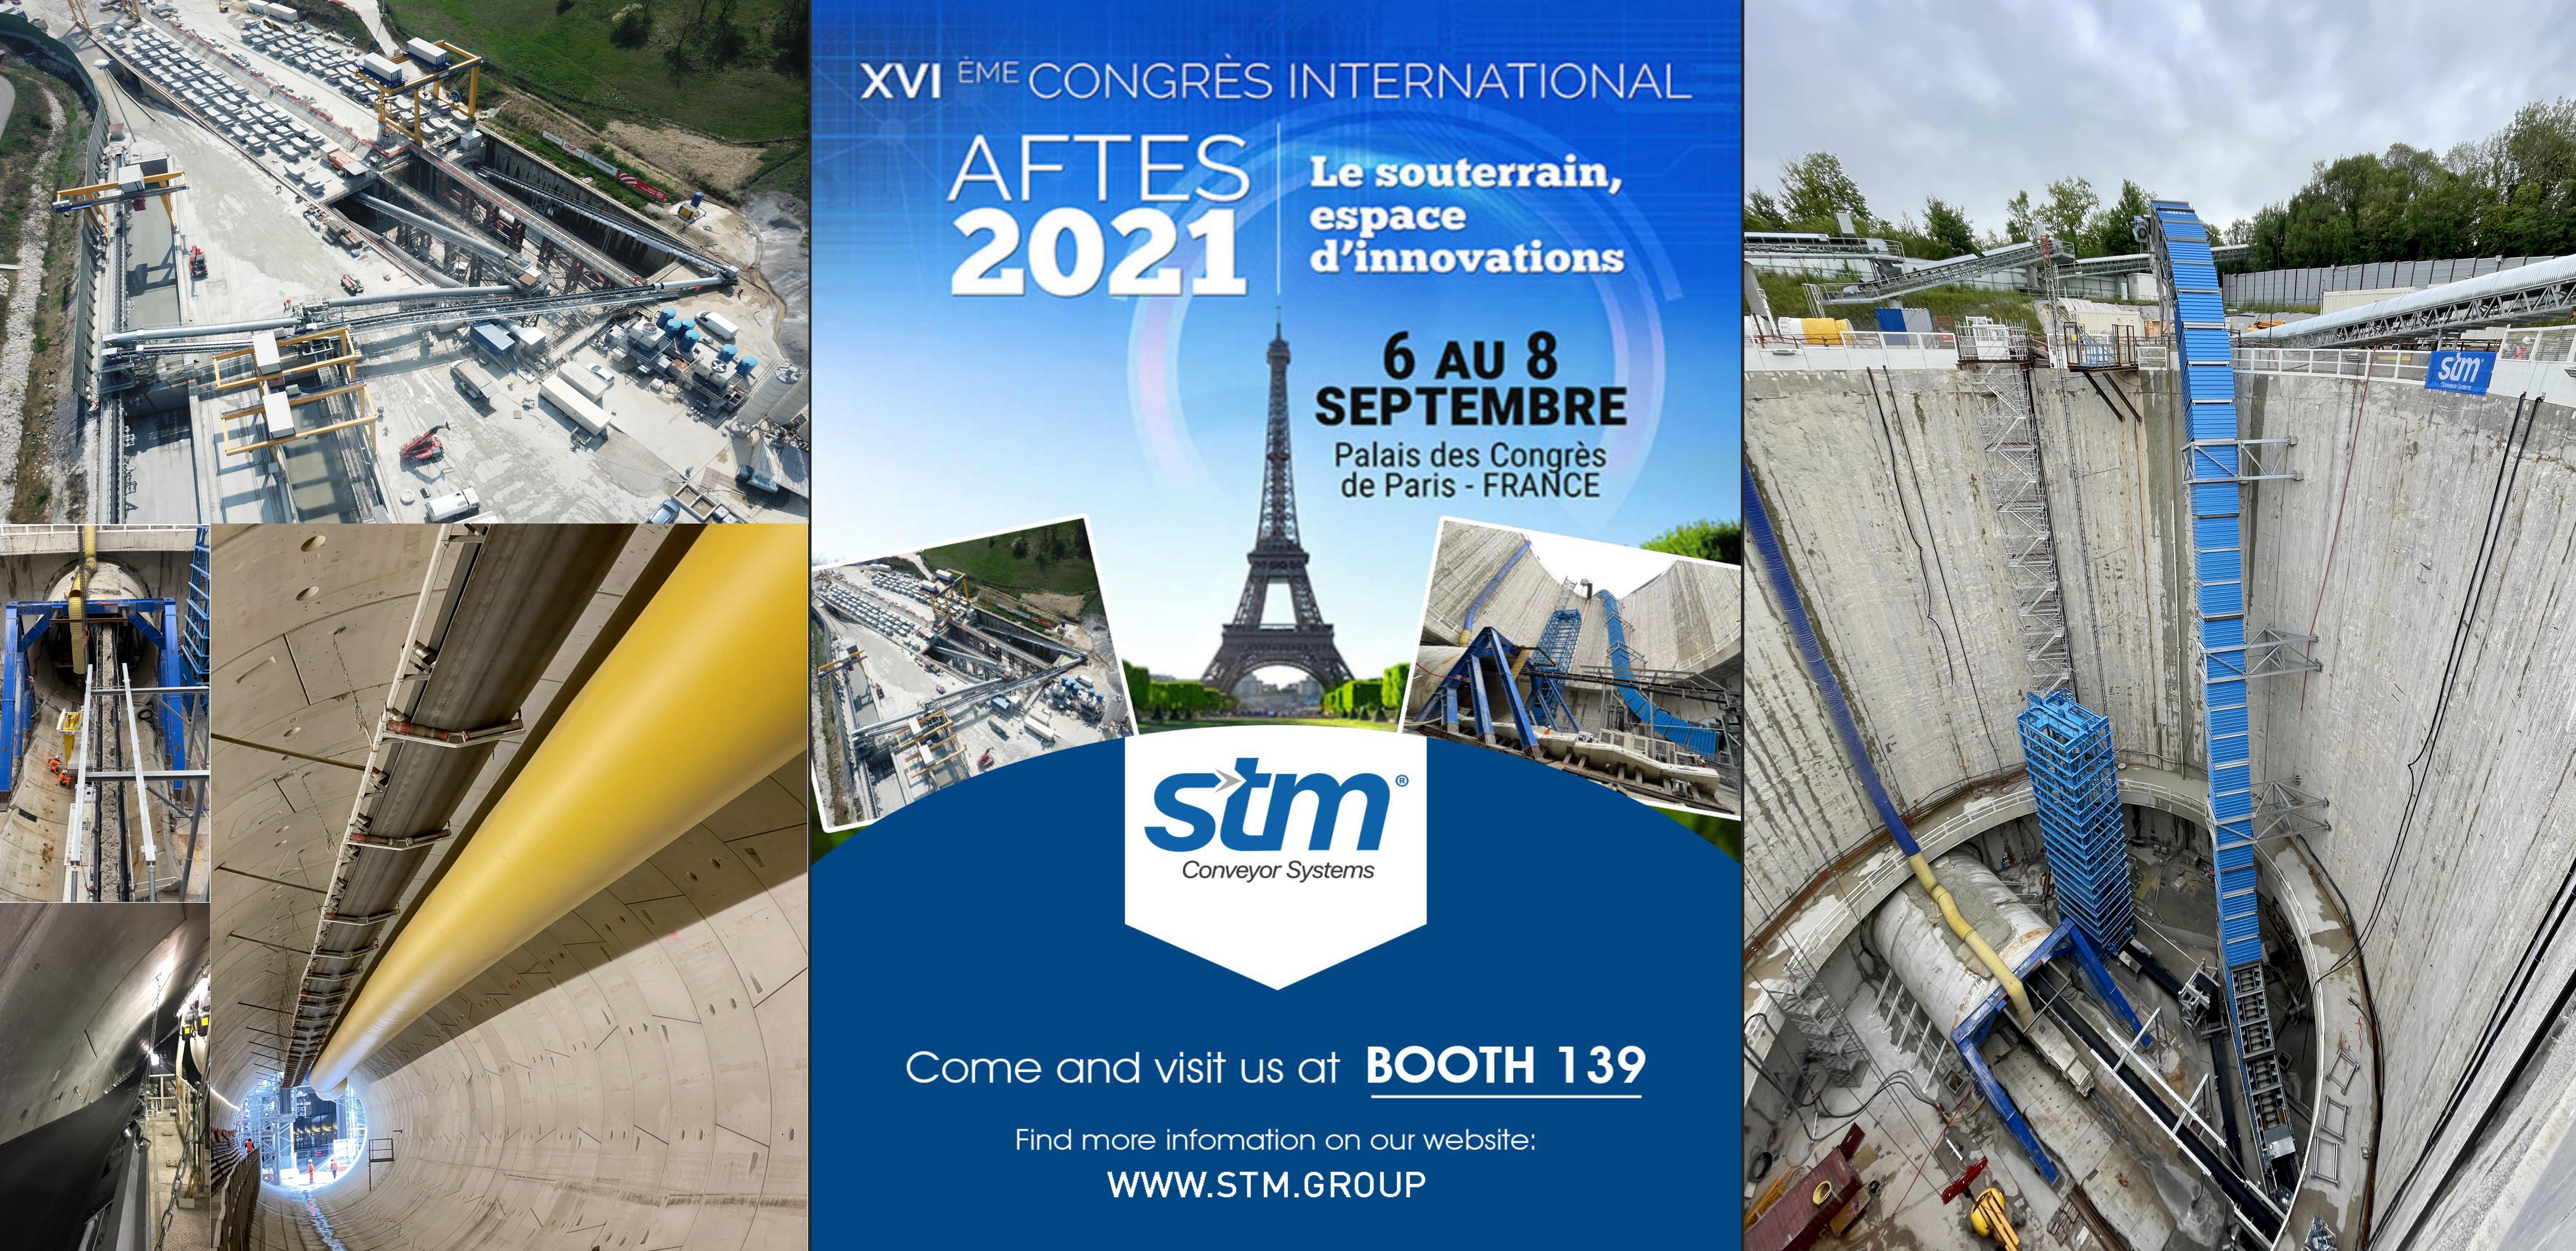 STM at AFTES 2021 in Paris!